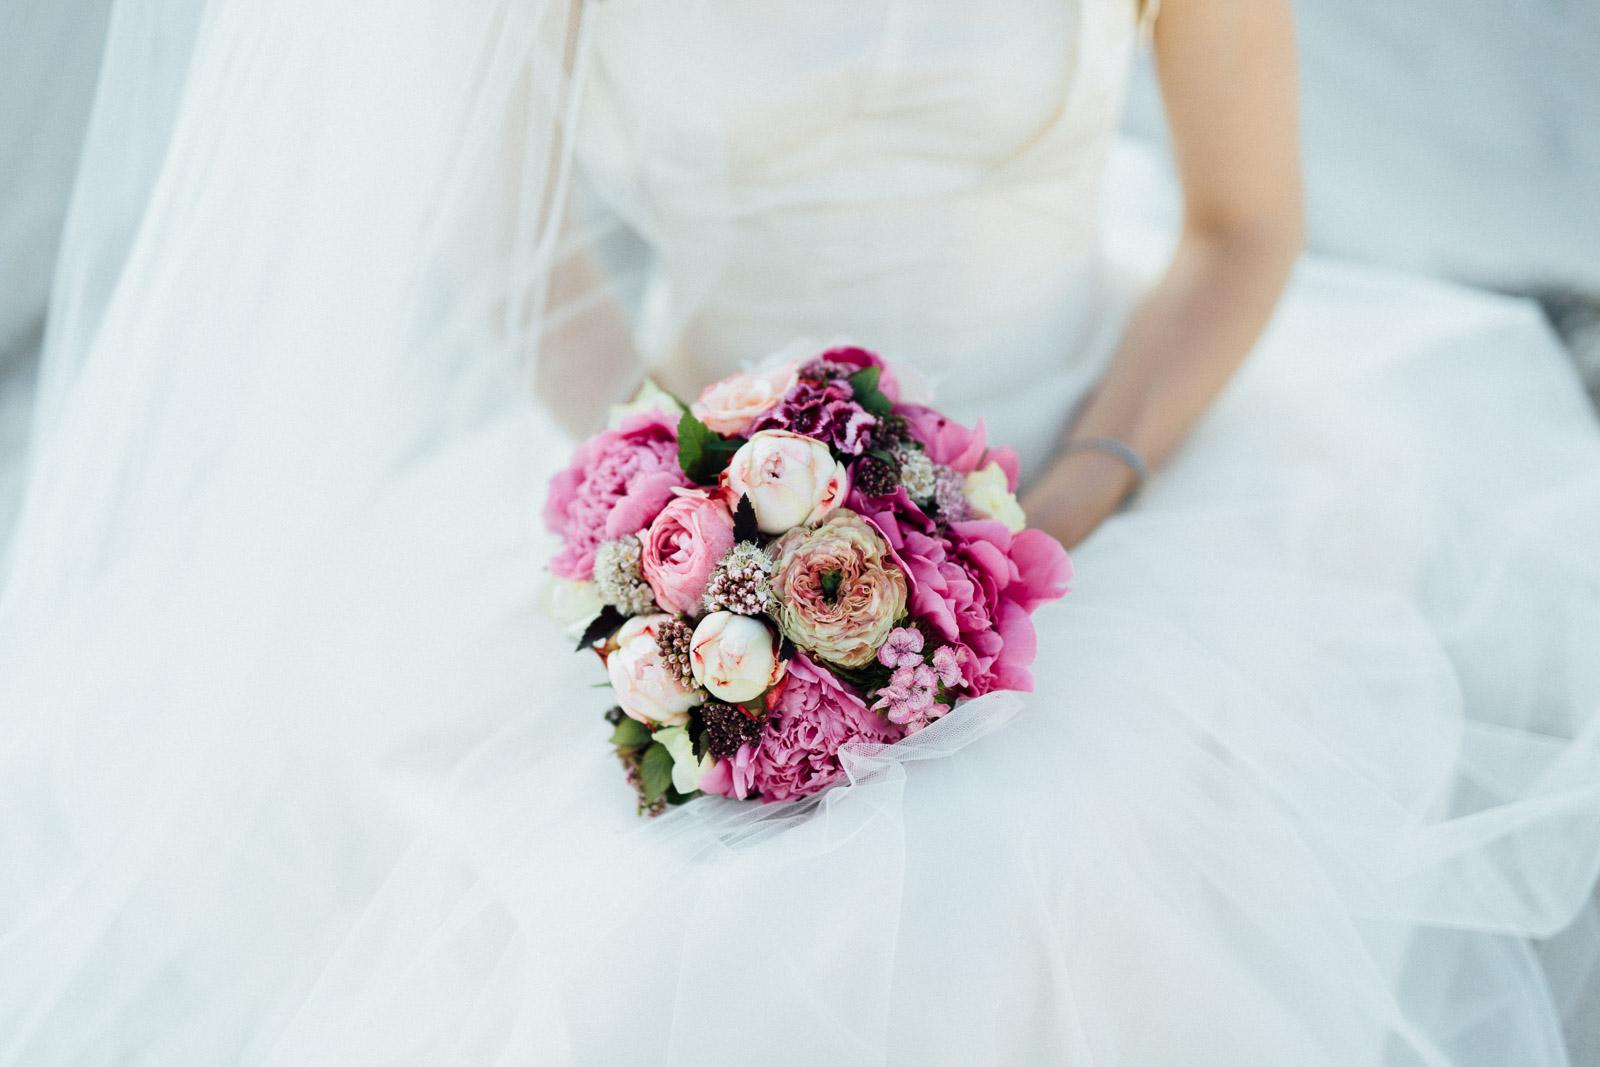 Braut im Brautkleid hält einen Brautstrauß auf dem Schoß